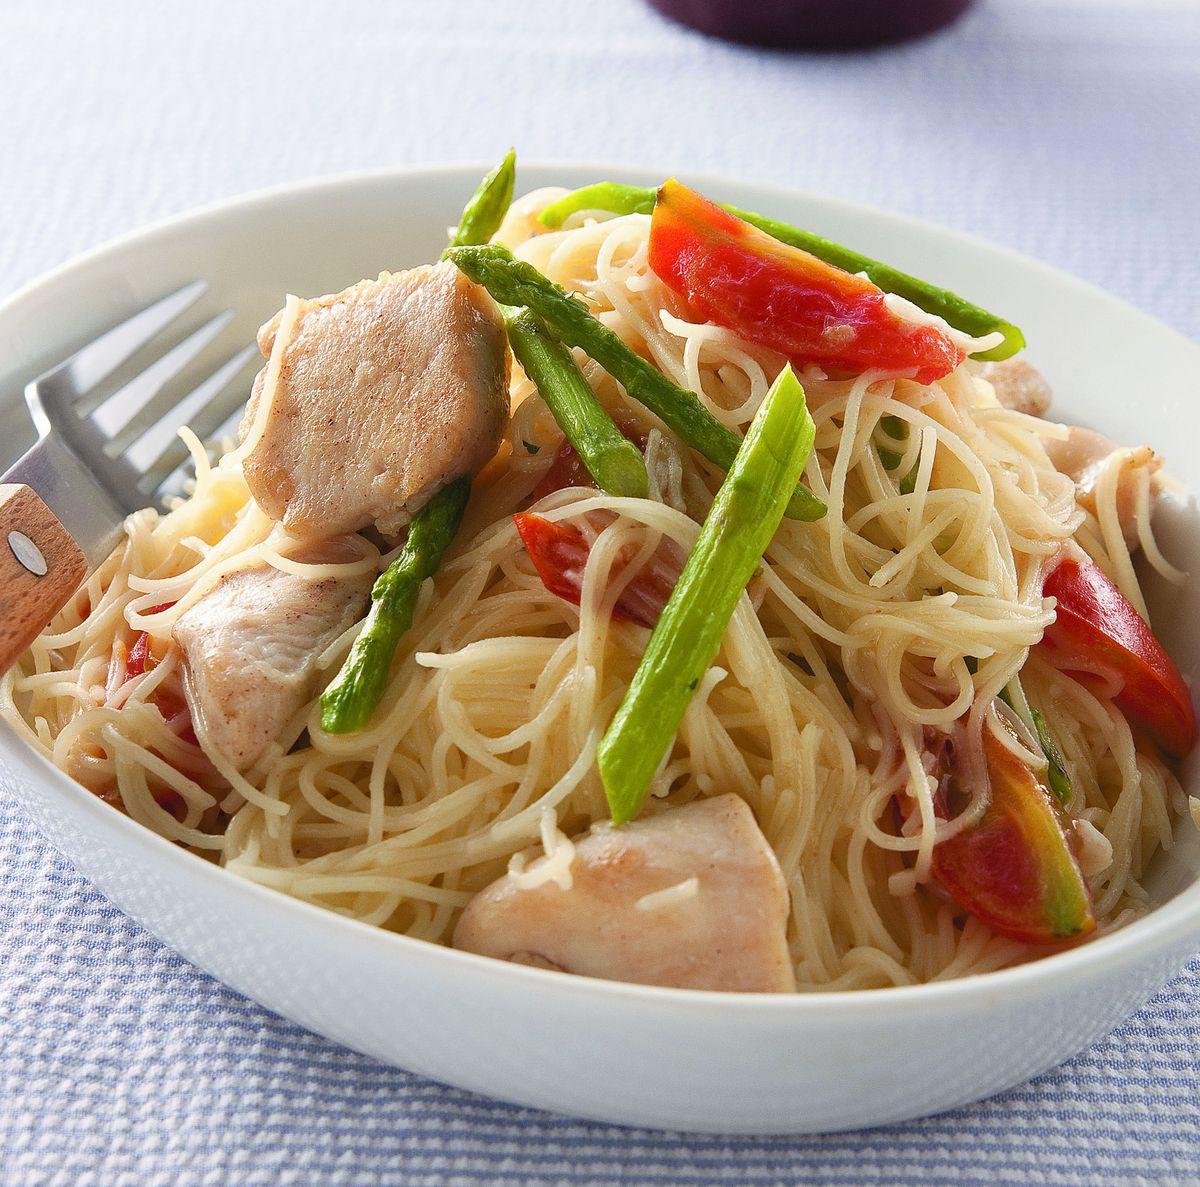 食譜:蘆筍雞肉天使義大利麵